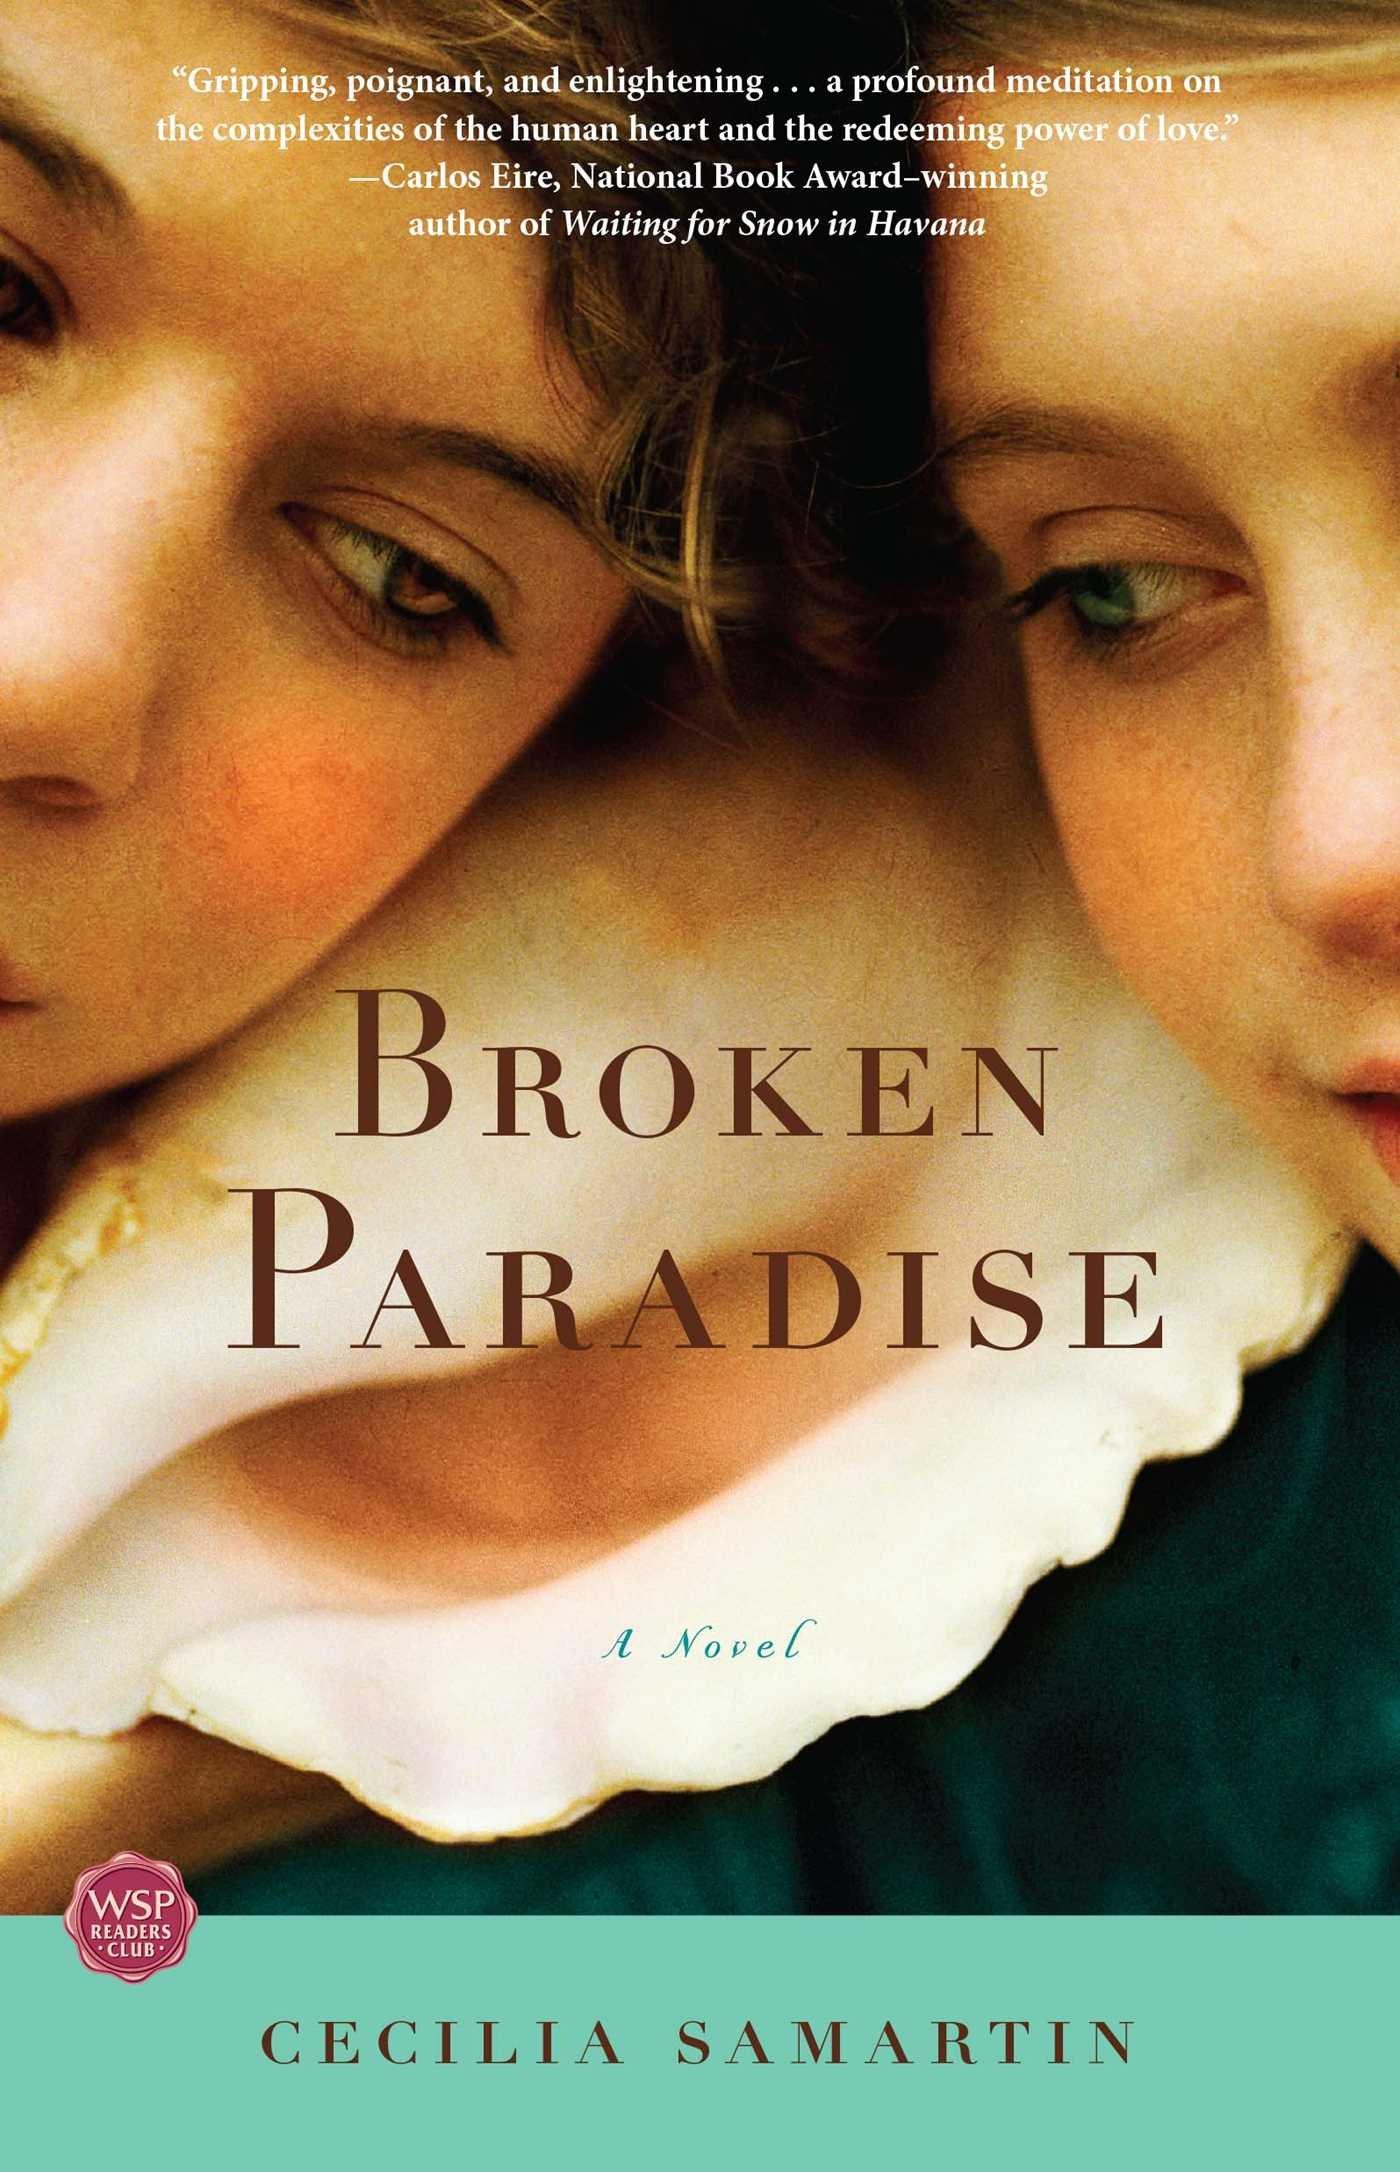 broken paradise a novel cecilia samartin 9781416550396  broken paradise a novel cecilia samartin 9781416550396 com books